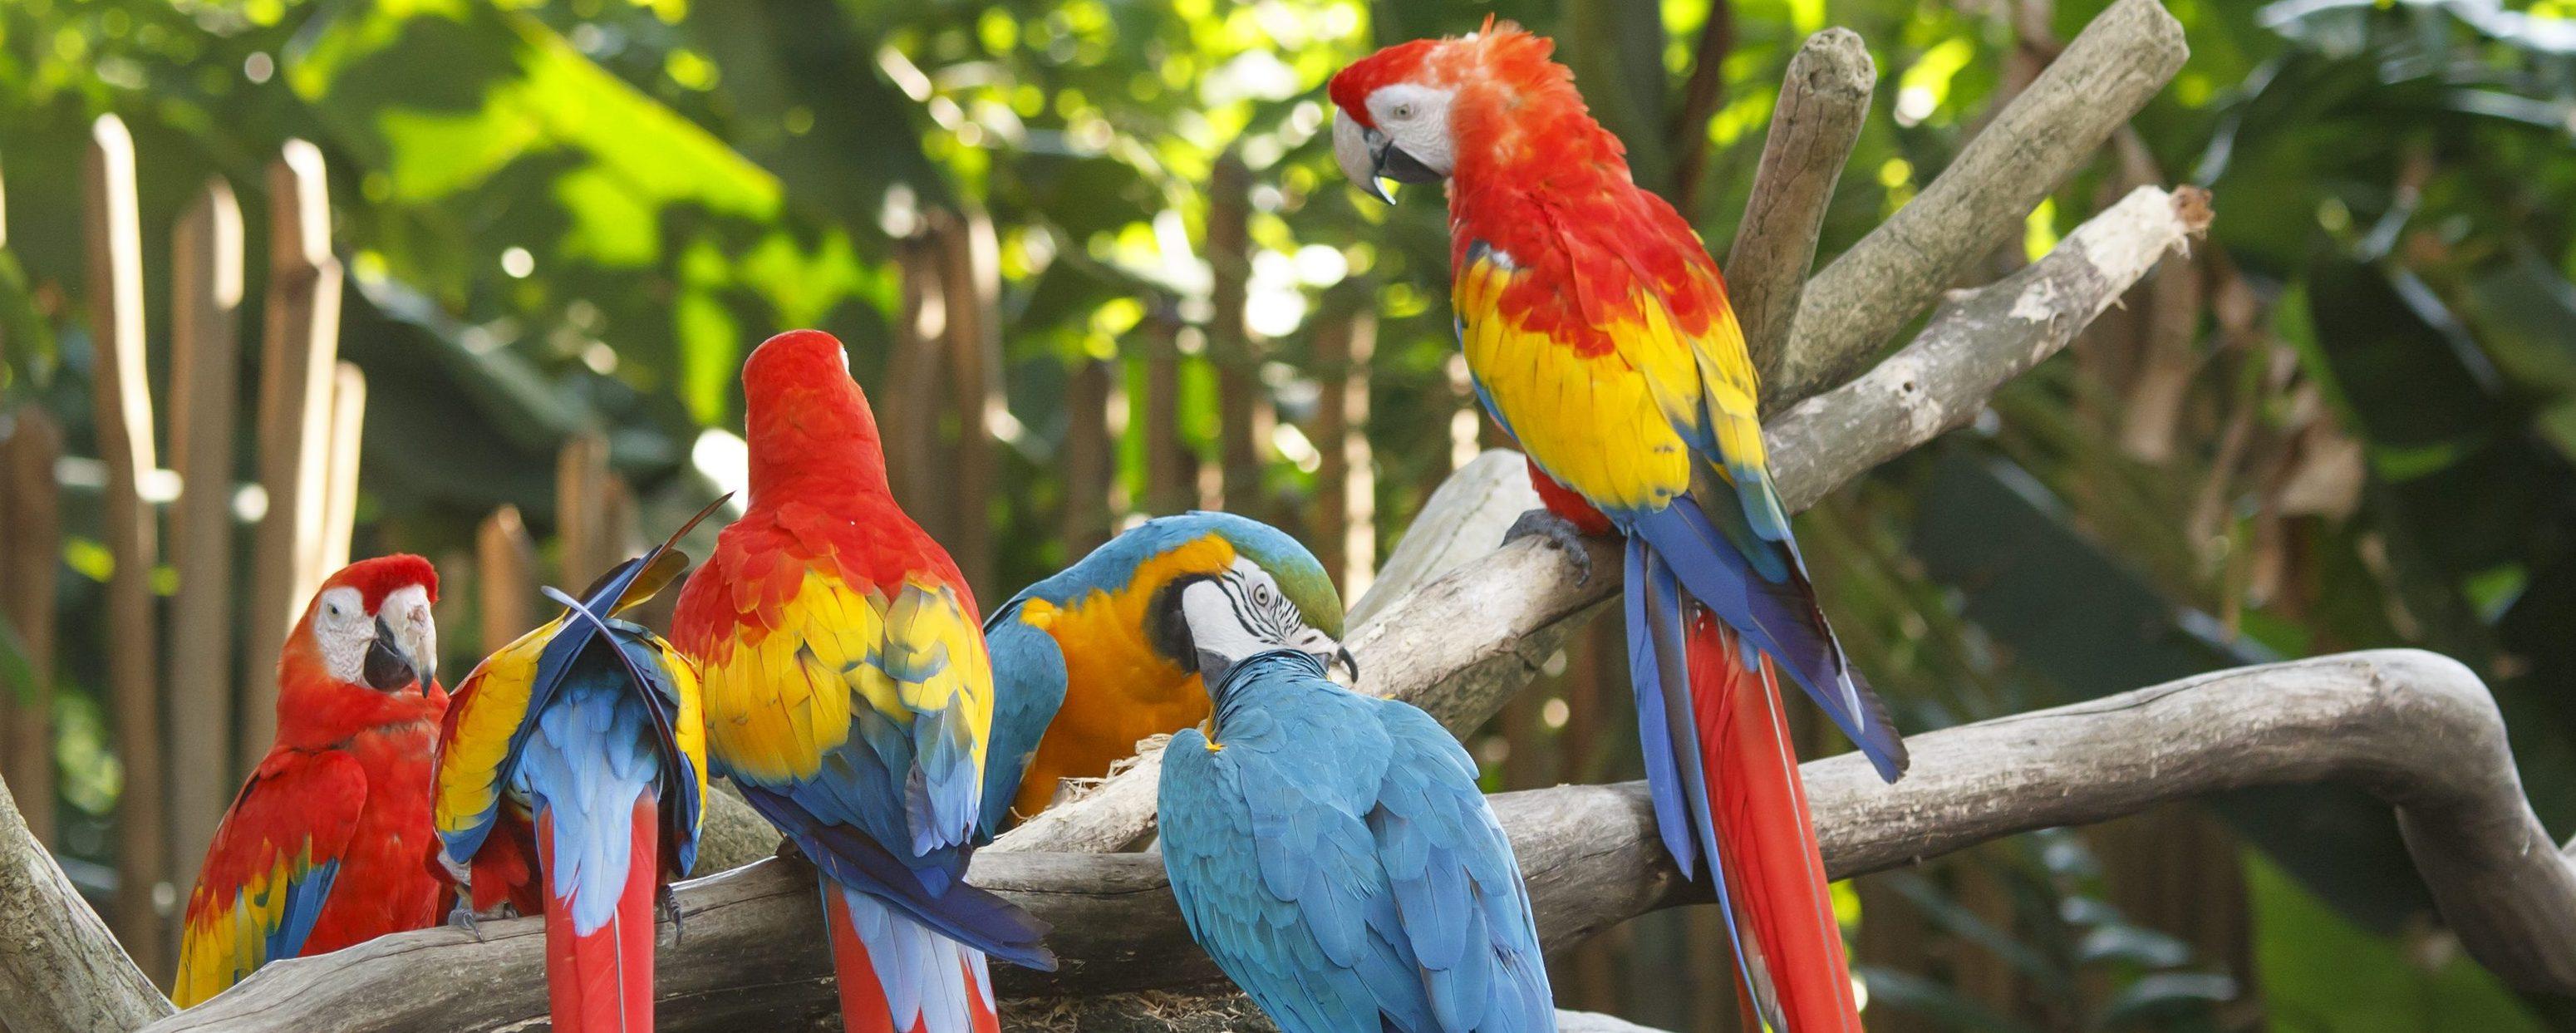 Park bird of Iguacu